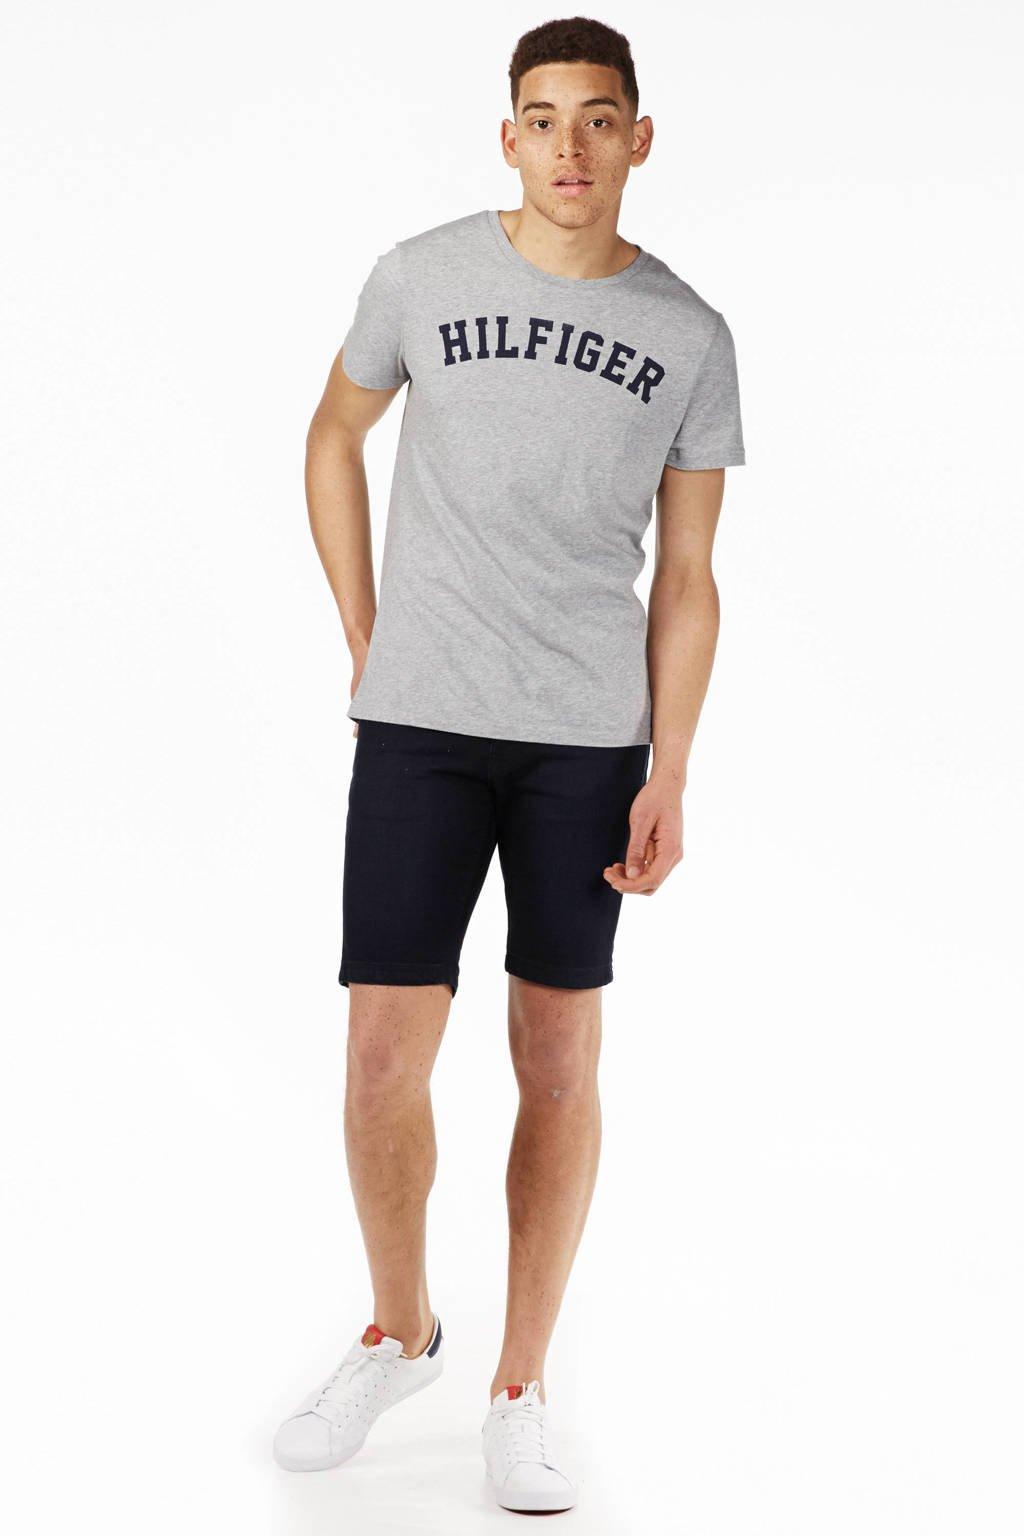 Tommy Hilfiger T-shirt, Grijs/zwart